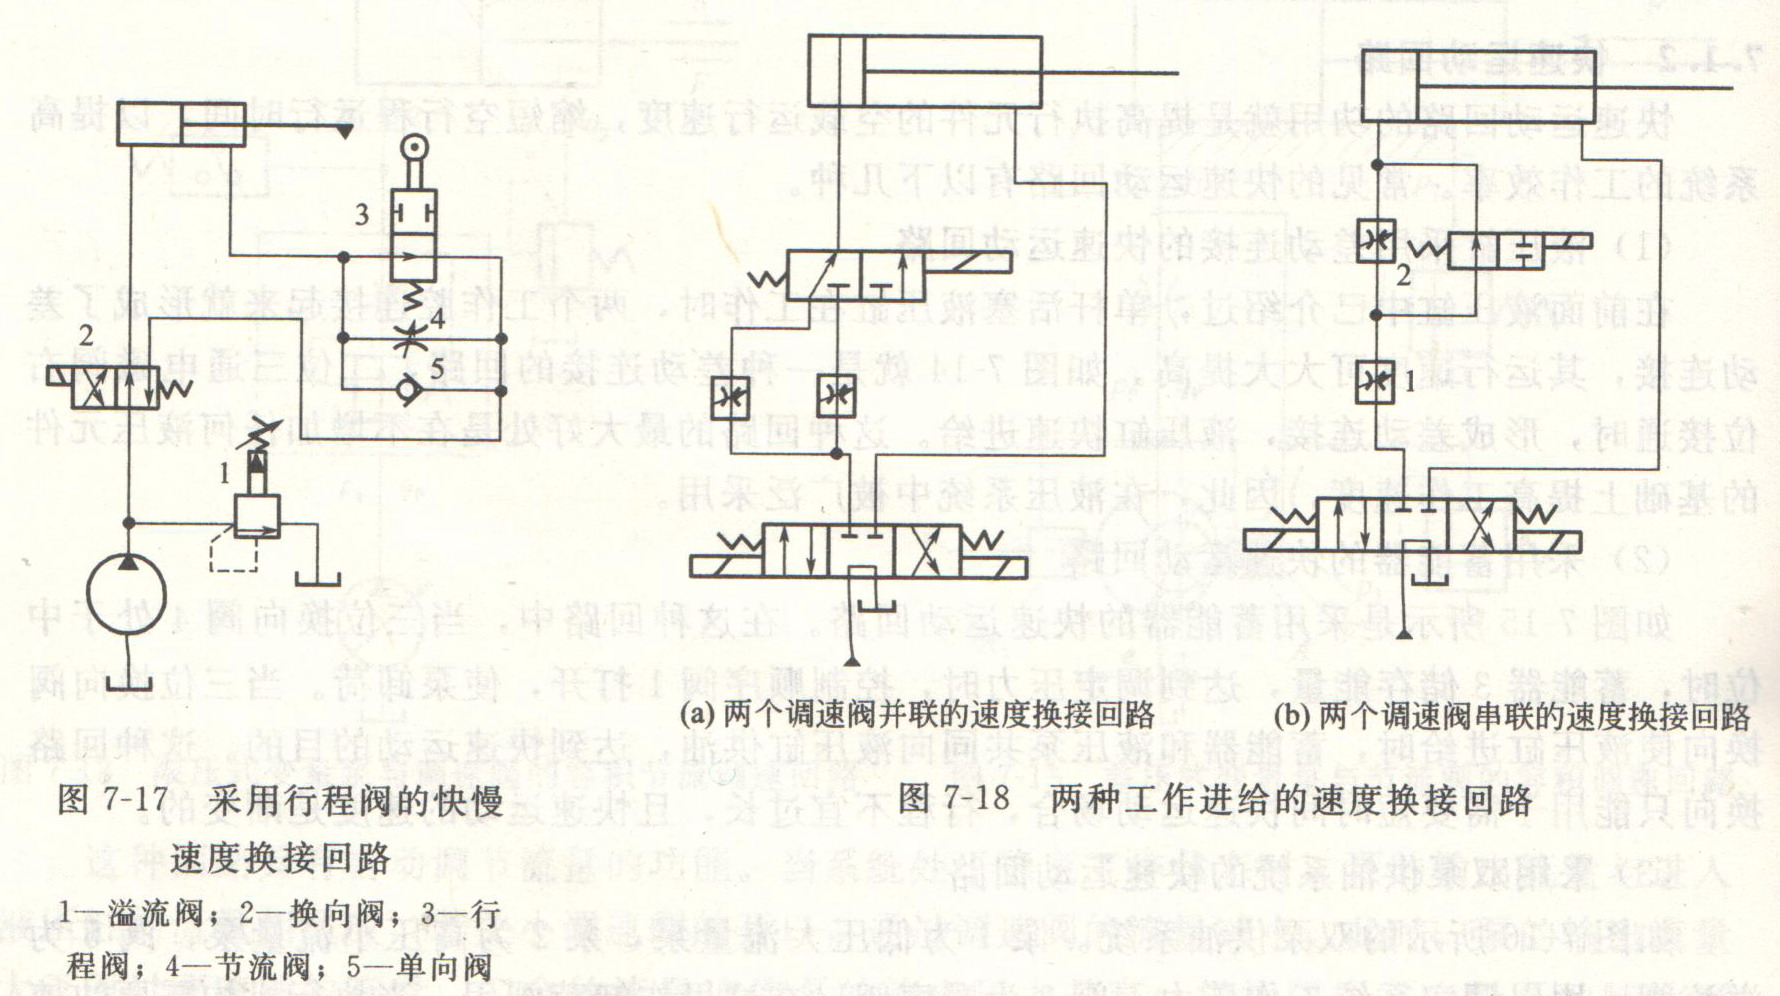 速度换接回路的功用是在液压系统工作时,执行机构从一种工作速度转换为另一种工作速度。 (1)快速运动转为工作进给运动的速度换接回路 如图7-17所示的为最常见的一种快速运动转为工作进给运动的速度换接回路,是由行程阀3、节流阀4和单向阀5并联而成。当二位四通换向阀2右位接通时,液压缸快速进给,当活塞上的挡块碰到行程阀,并压下行程阀时,液压缸的回油只能改走节流阀,转为工作进给;当二位四通换向阀2左位接通时,液压油经单向阀5进入液压缸有杆腔,活塞反向快速退回。这种回路同采用电磁阀代替行程阀的回路比较,其特点是换向